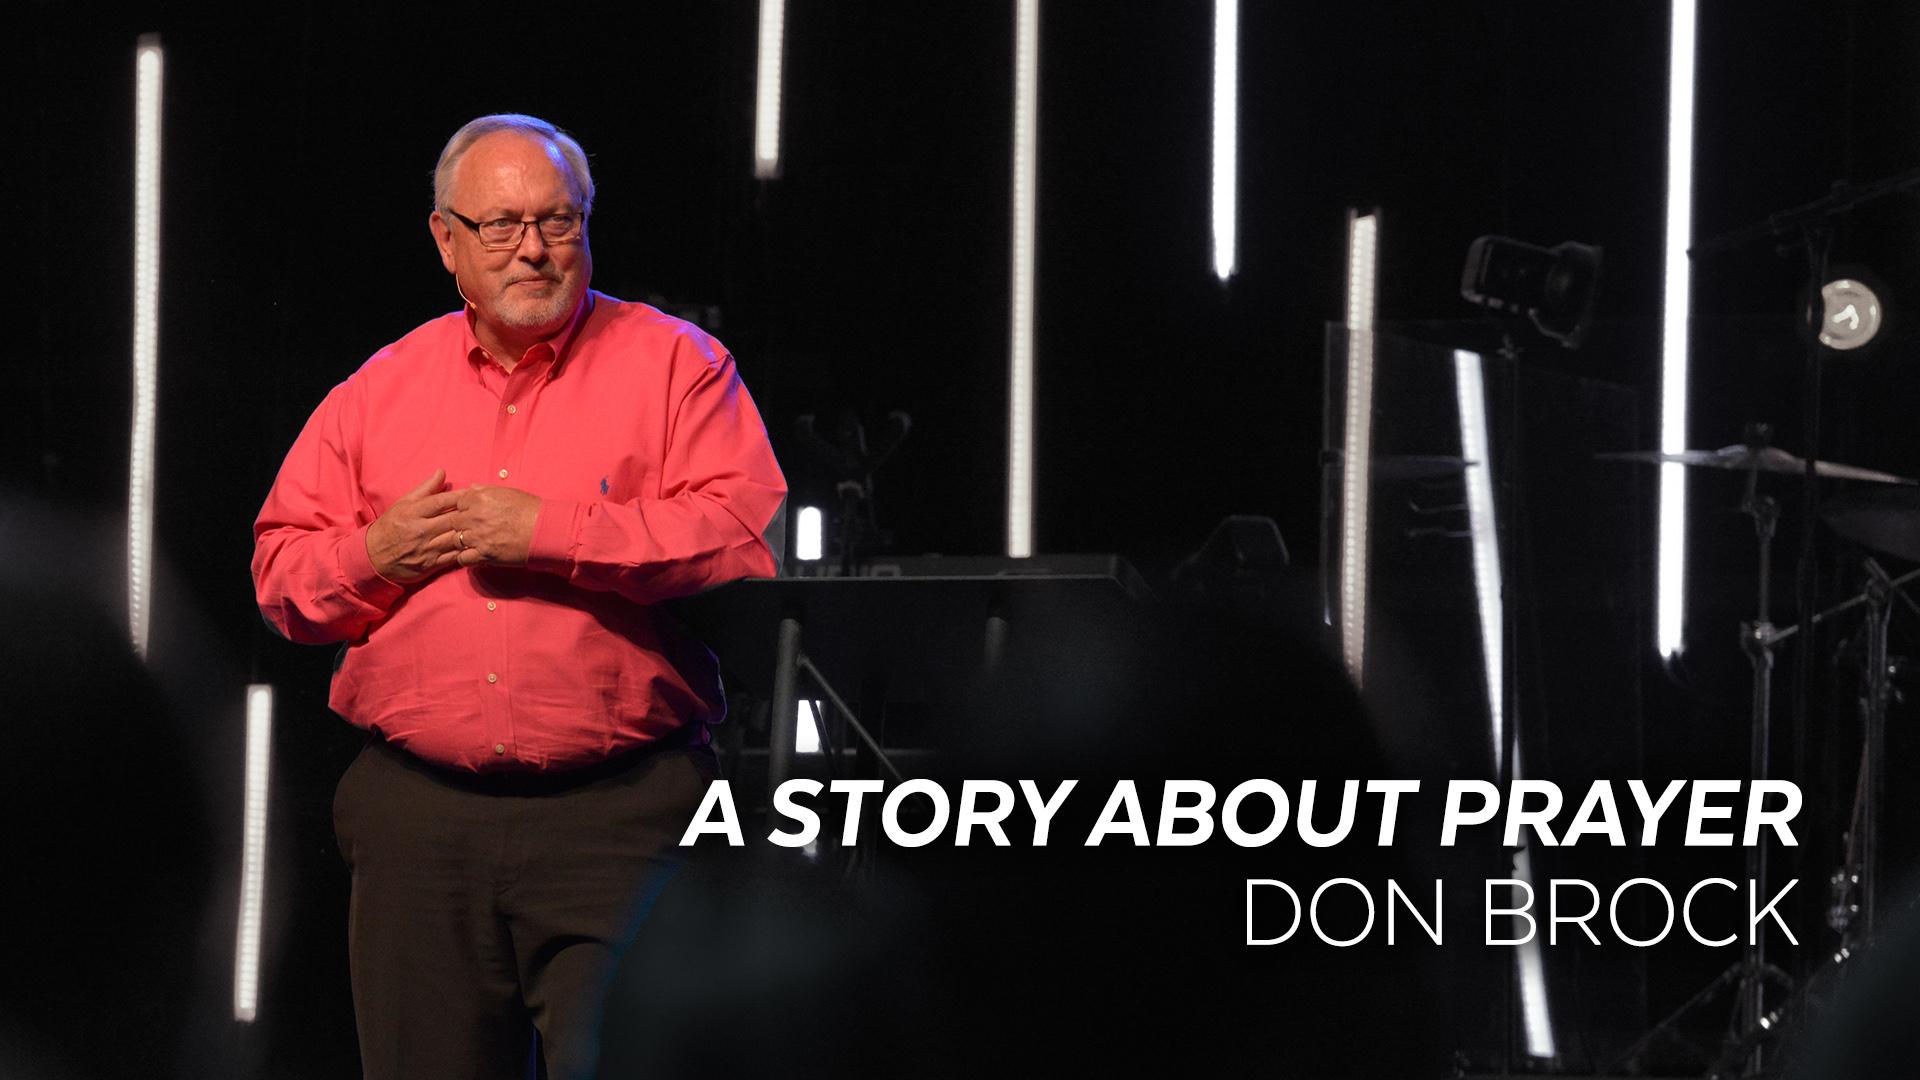 A Story About Prayer